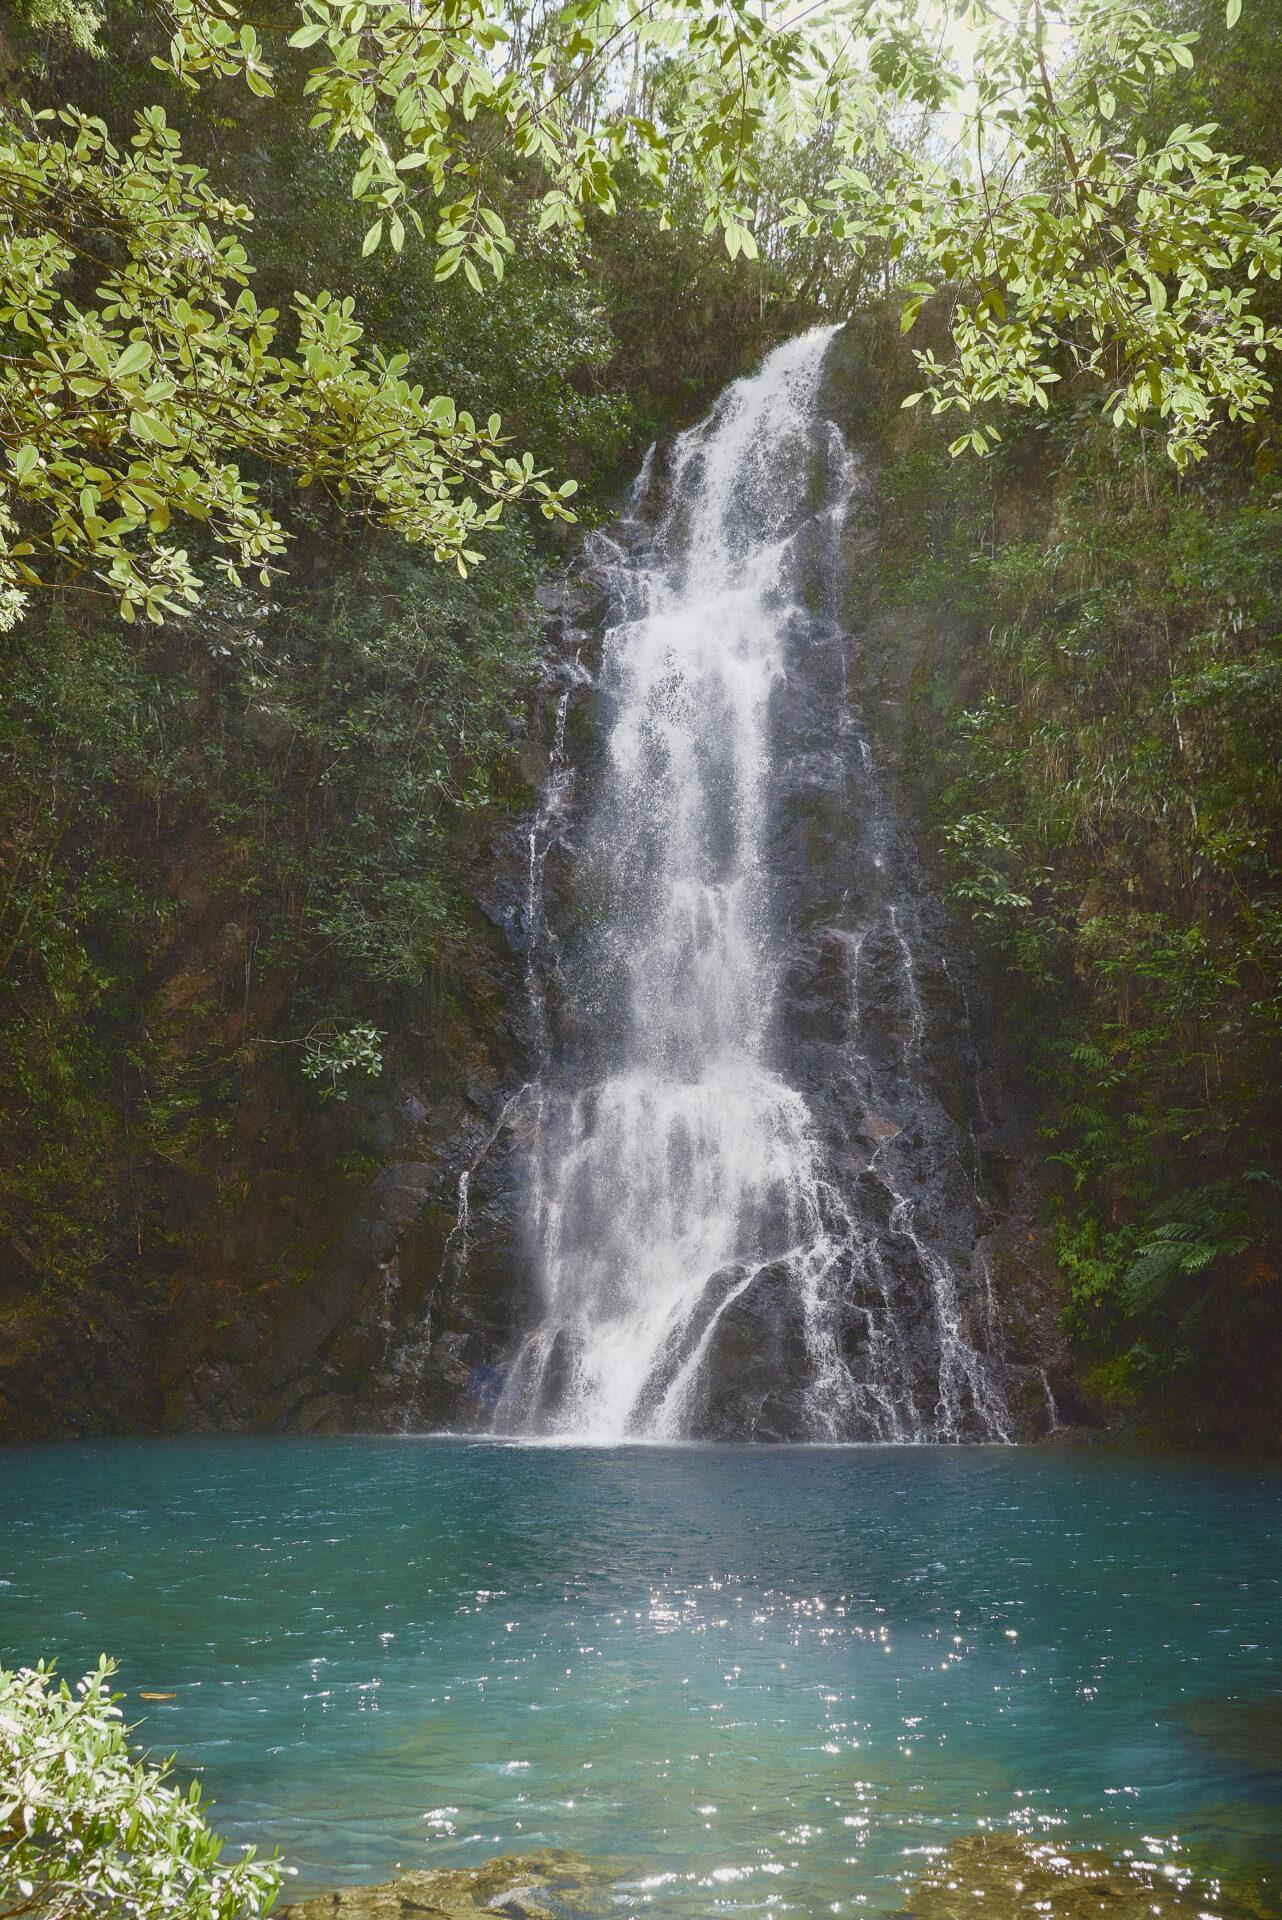 butterfly-falls-hidden-valley-inn-reserve